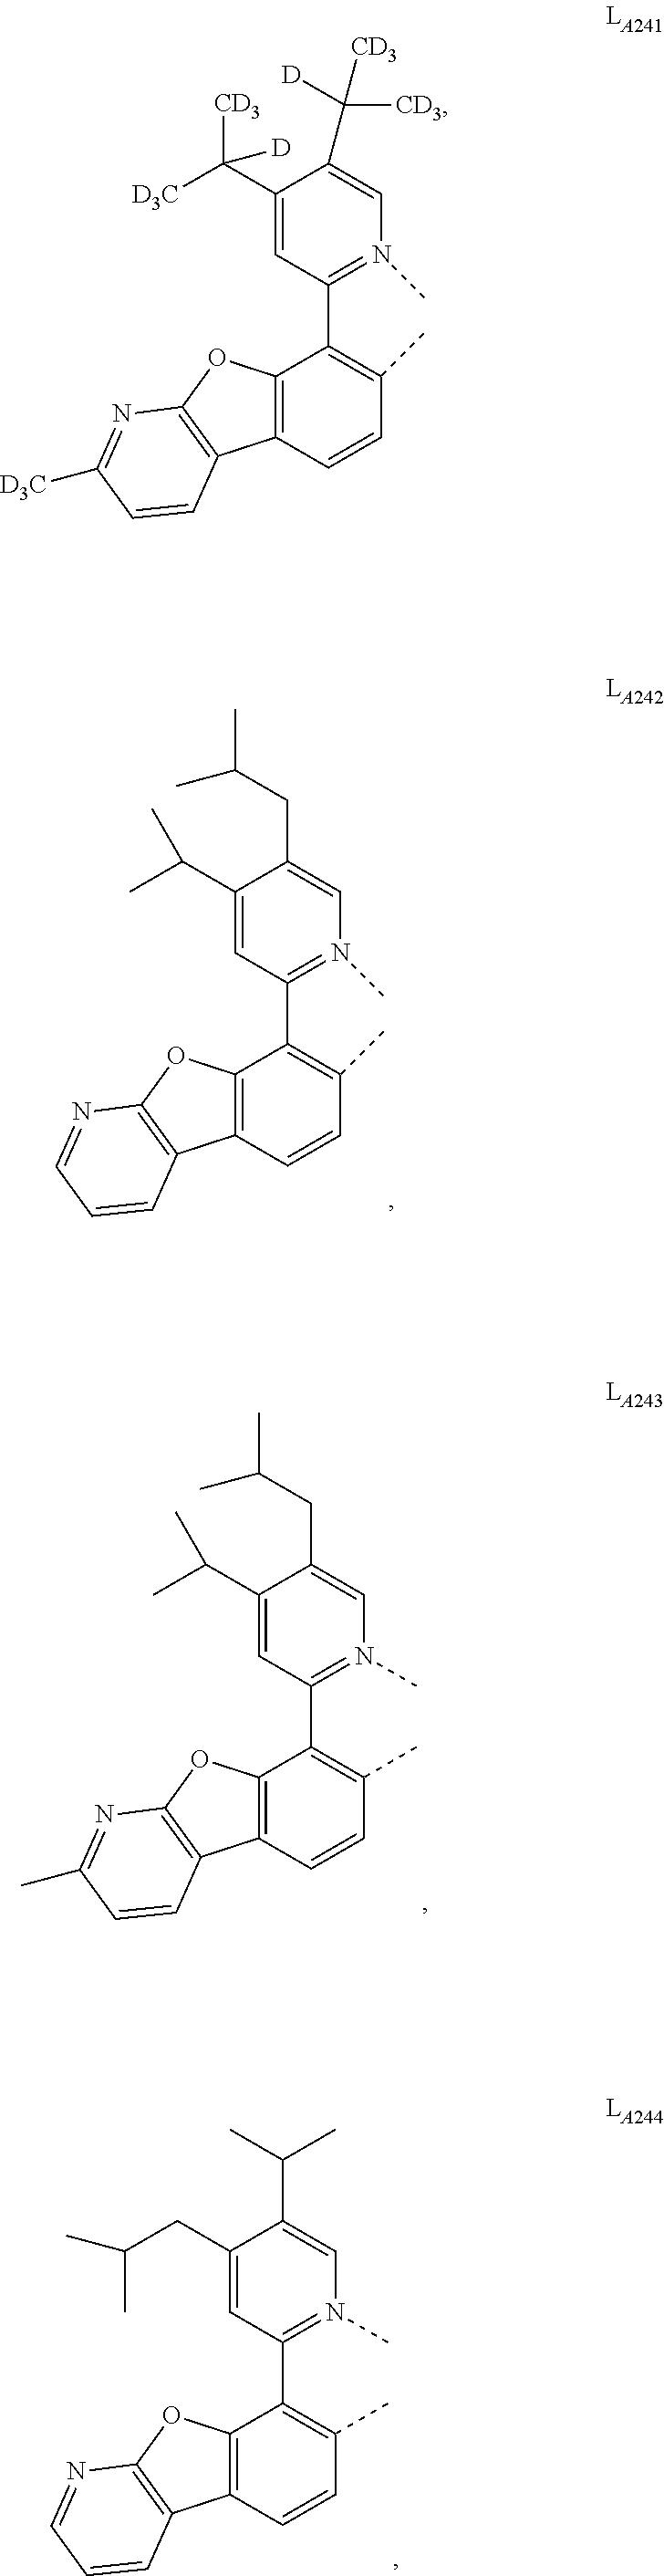 Figure US20160049599A1-20160218-C00065